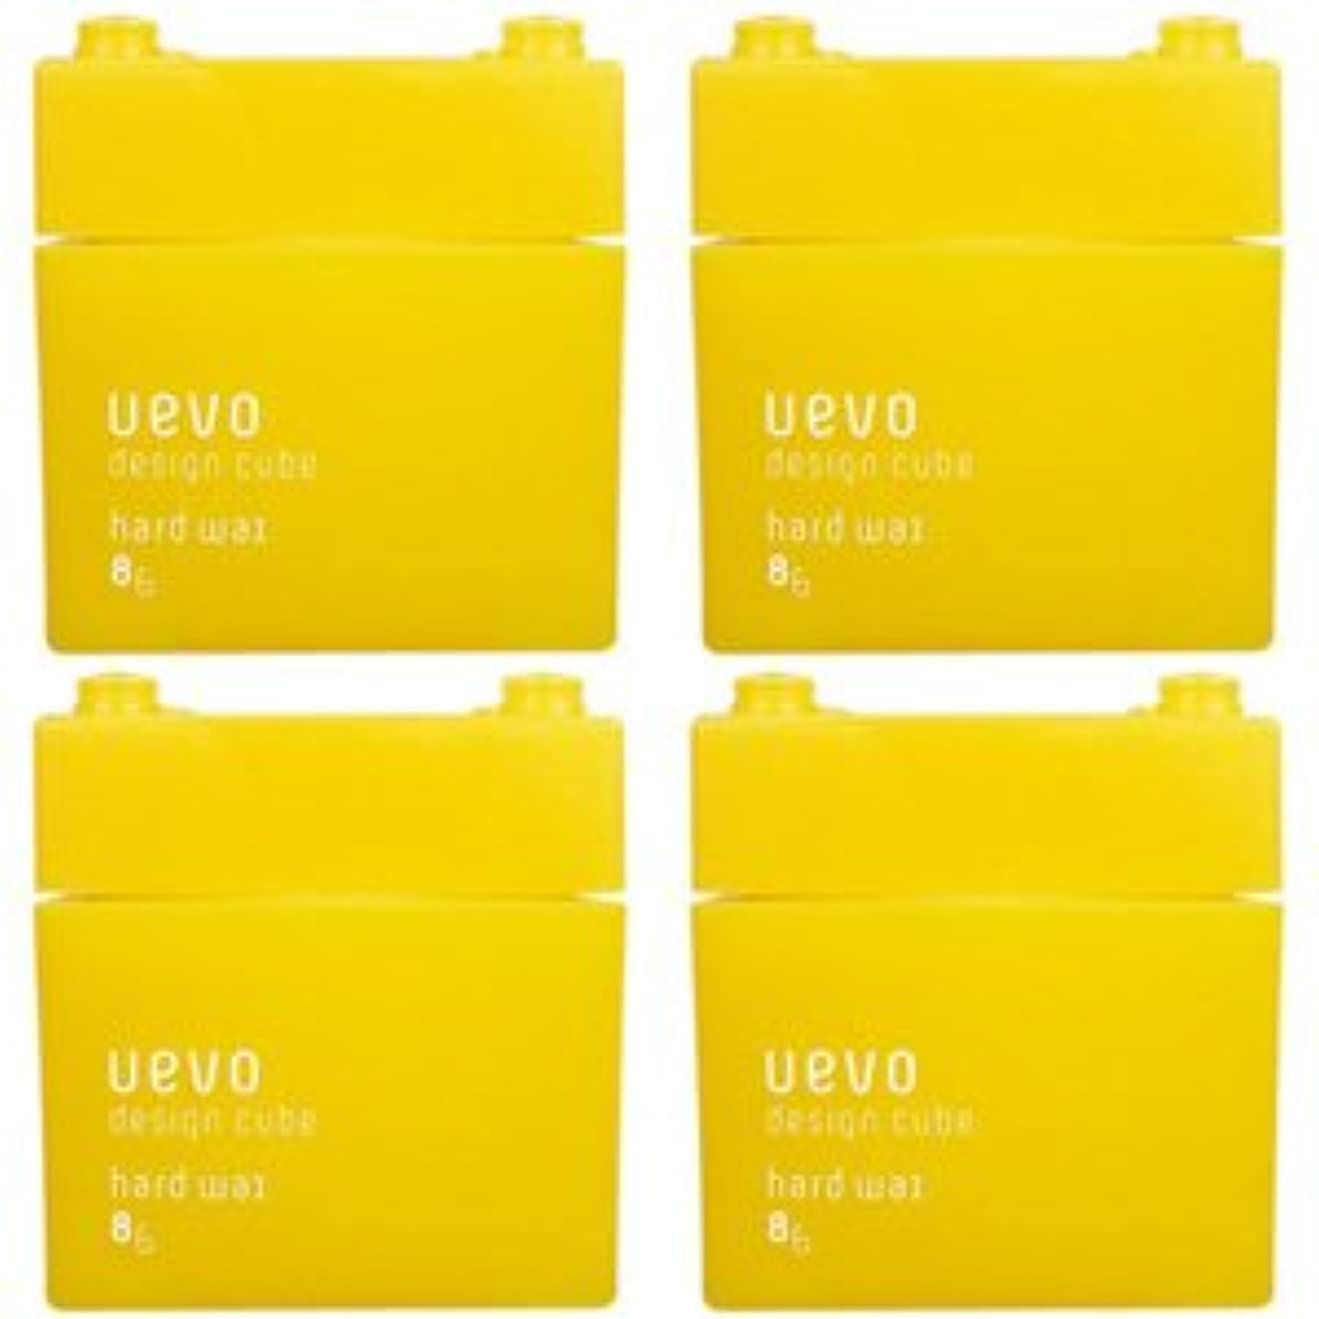 誤って妊娠した熟練した【X4個セット】 デミ ウェーボ デザインキューブ ハードワックス 80g hard wax DEMI uevo design cube